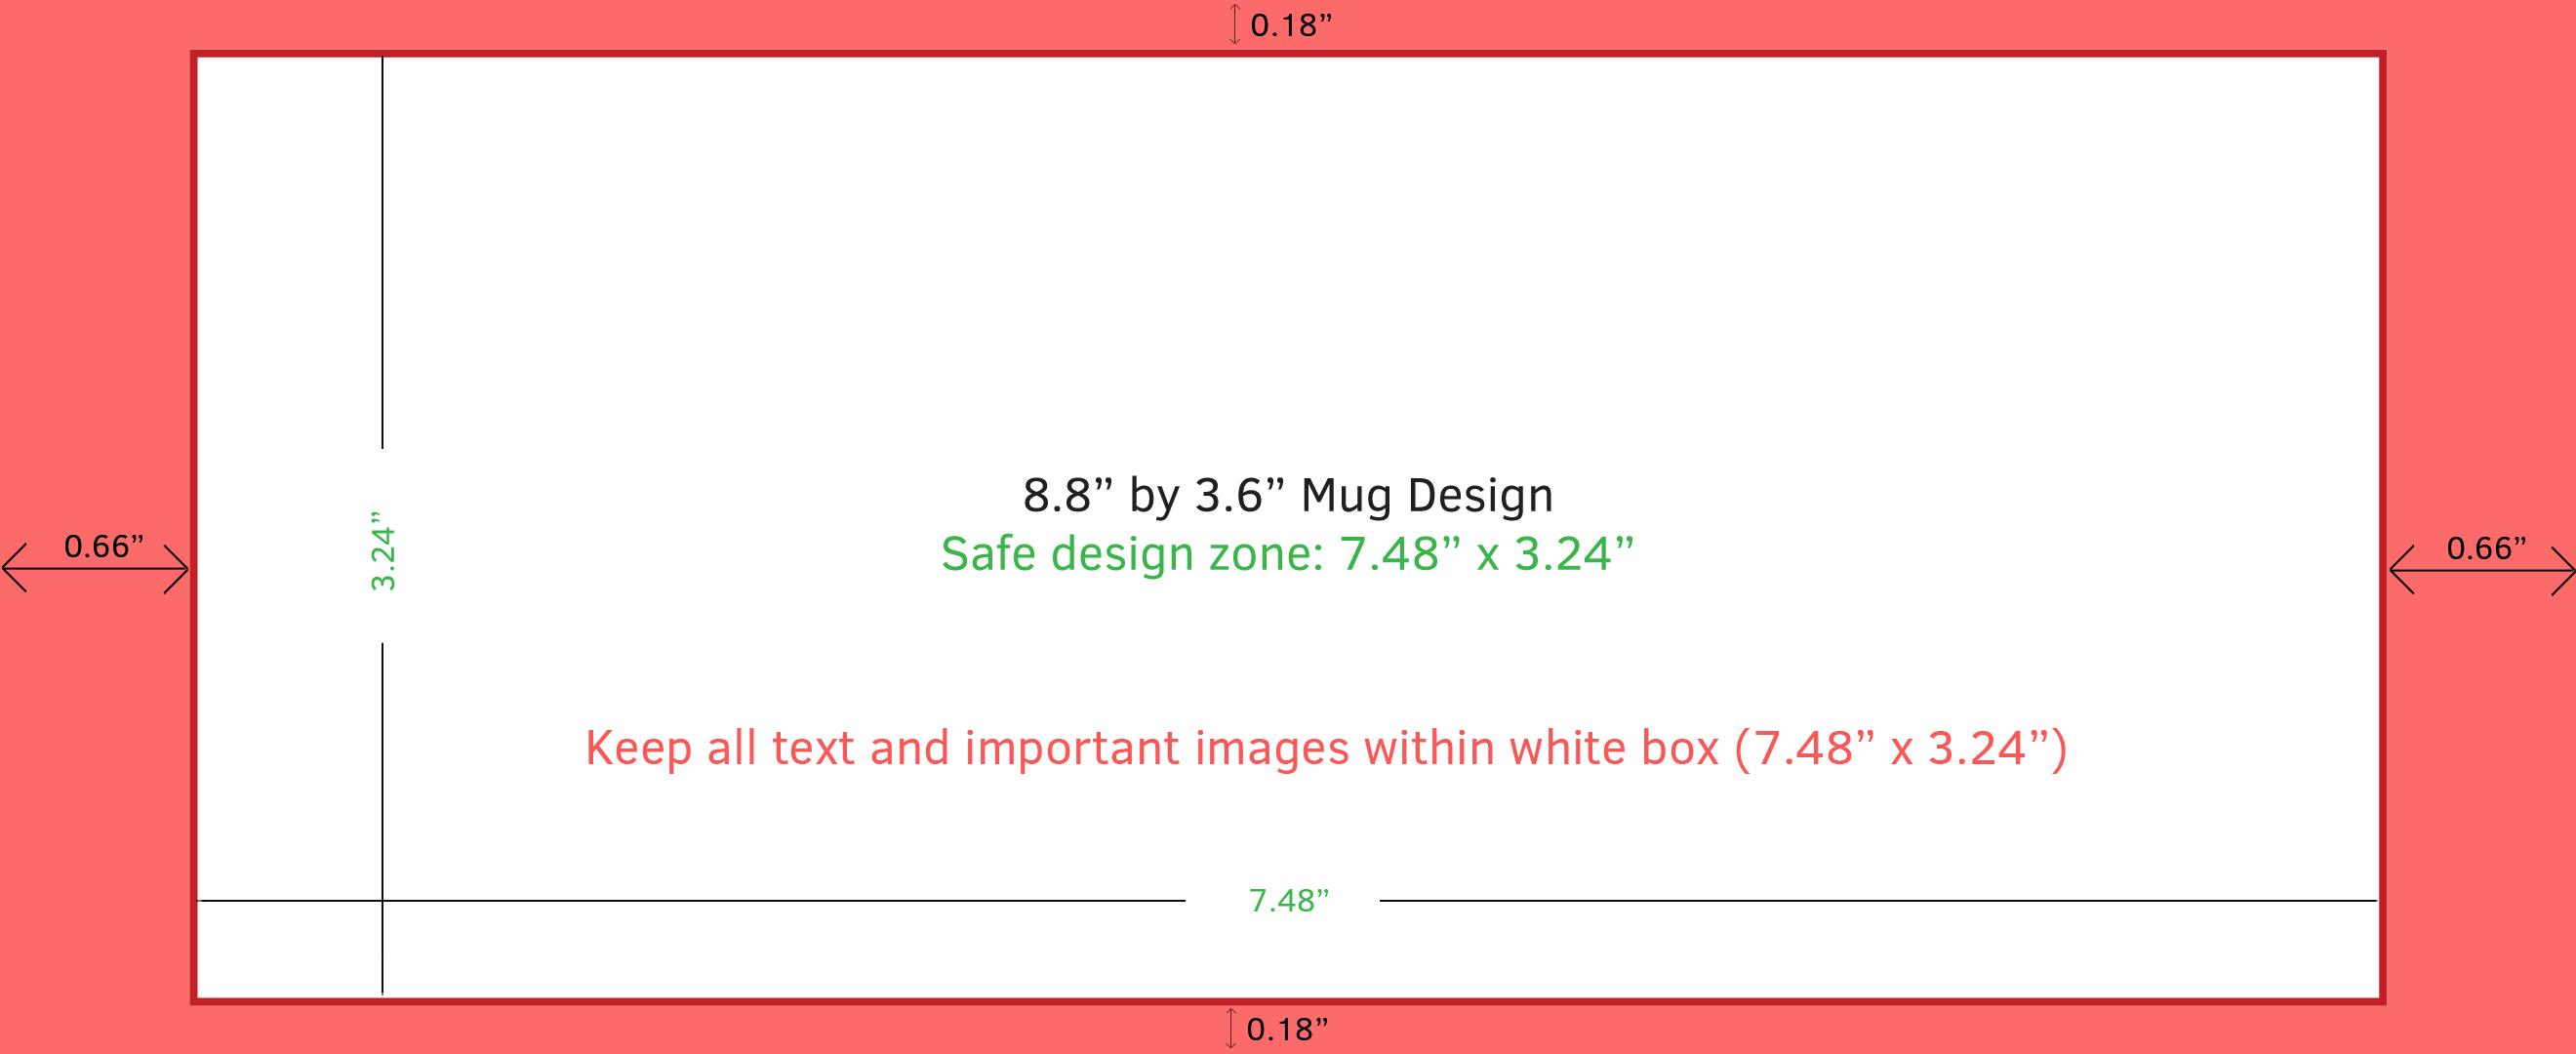 mug template for printing pictures to pin on Mug